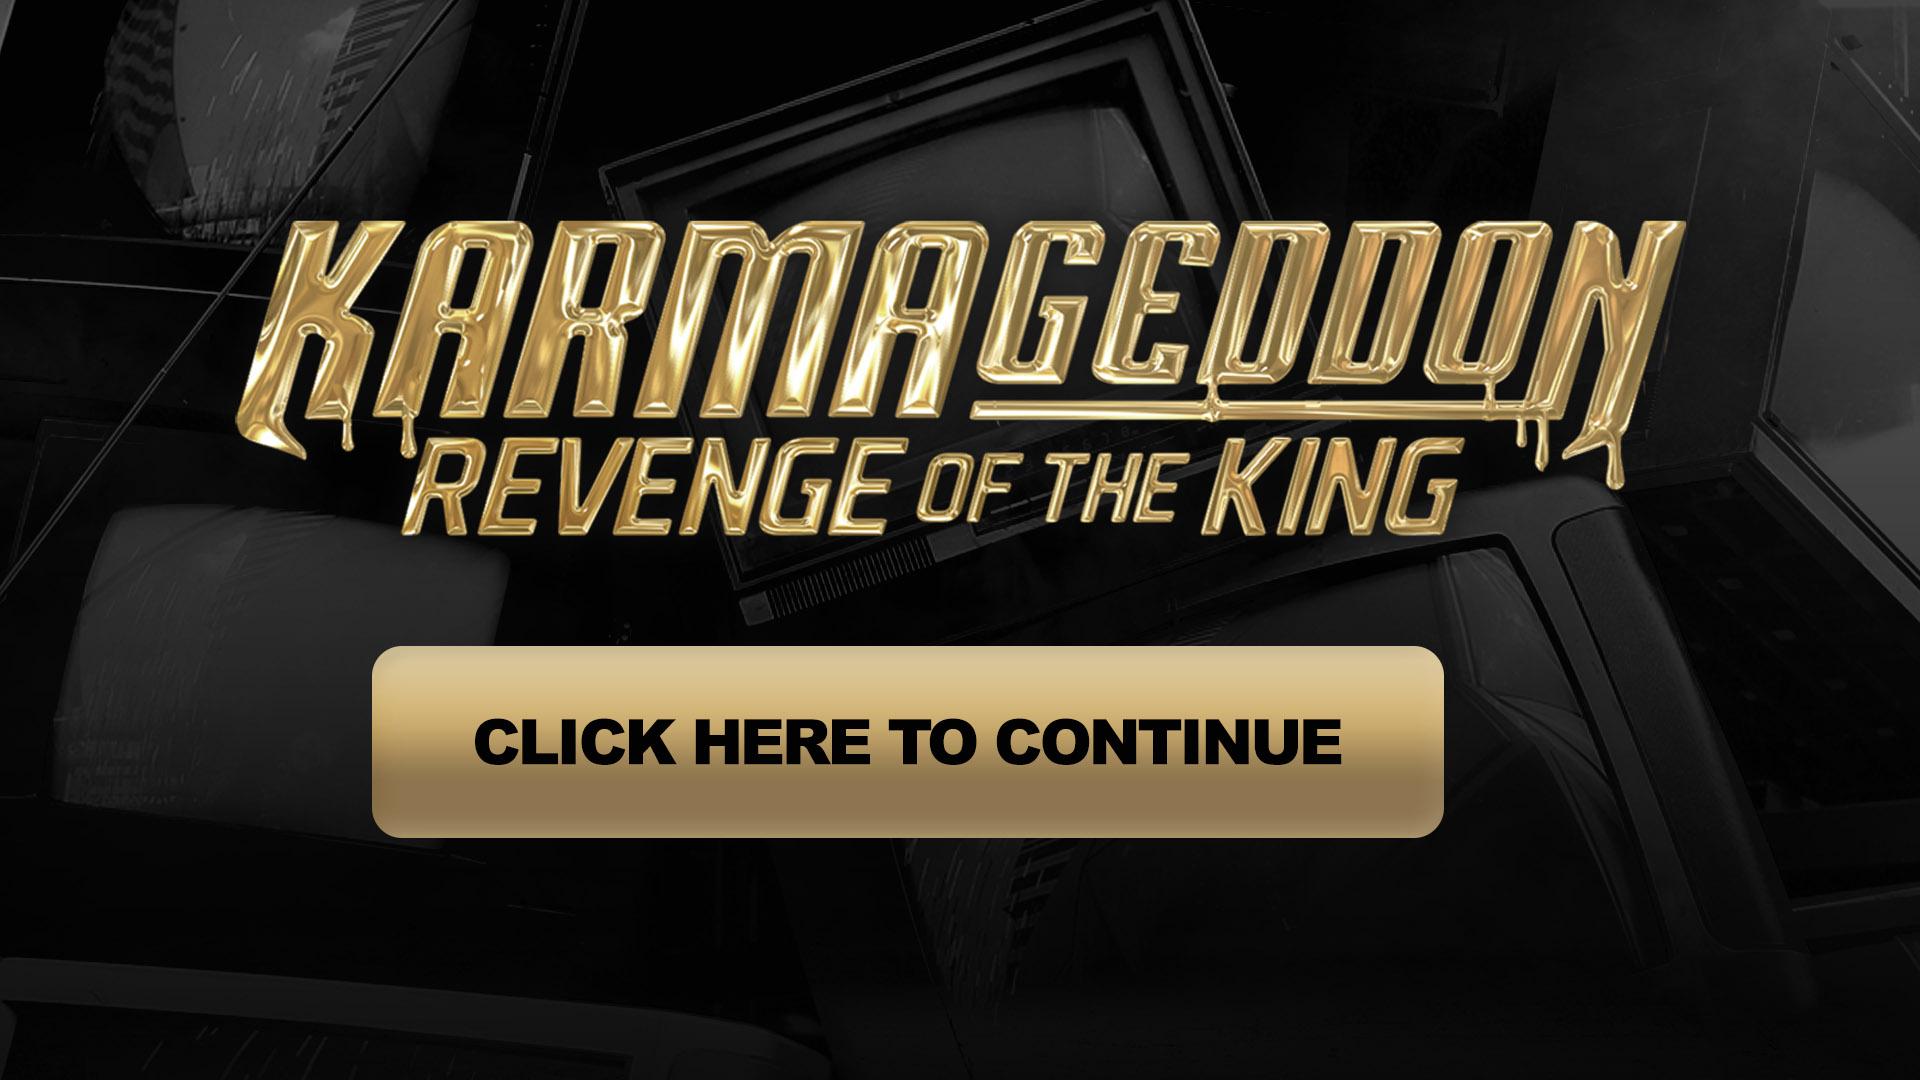 karmageddon revenge of the king